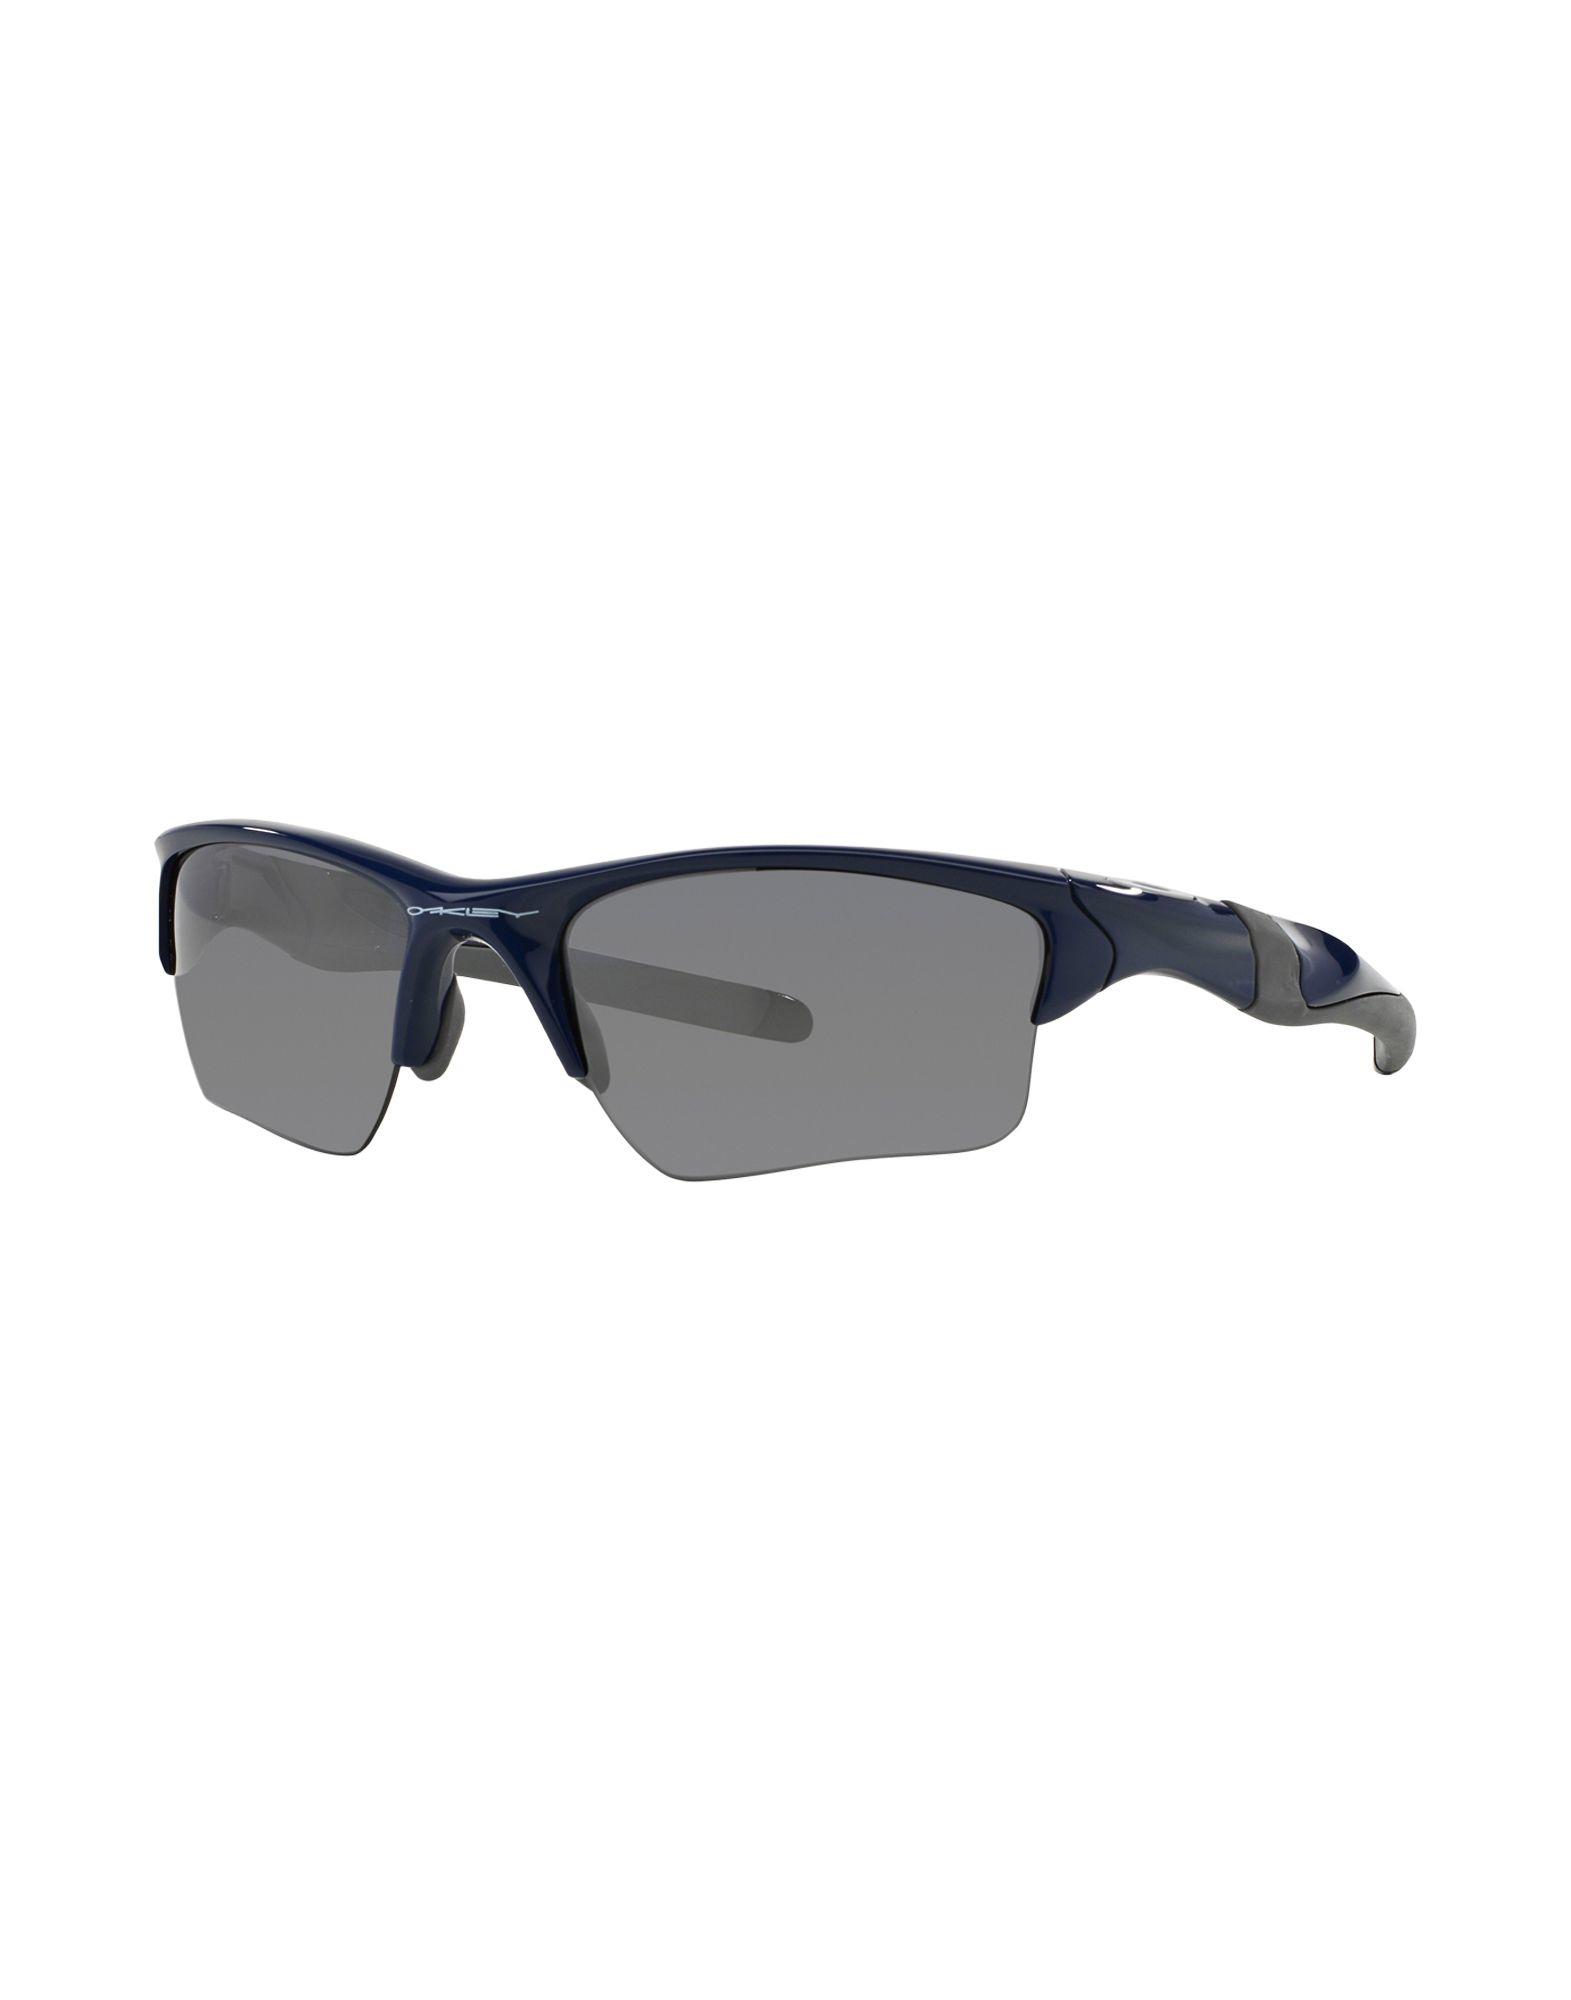 667ce7d8e7a Oakley Glasses Blue « Heritage Malta